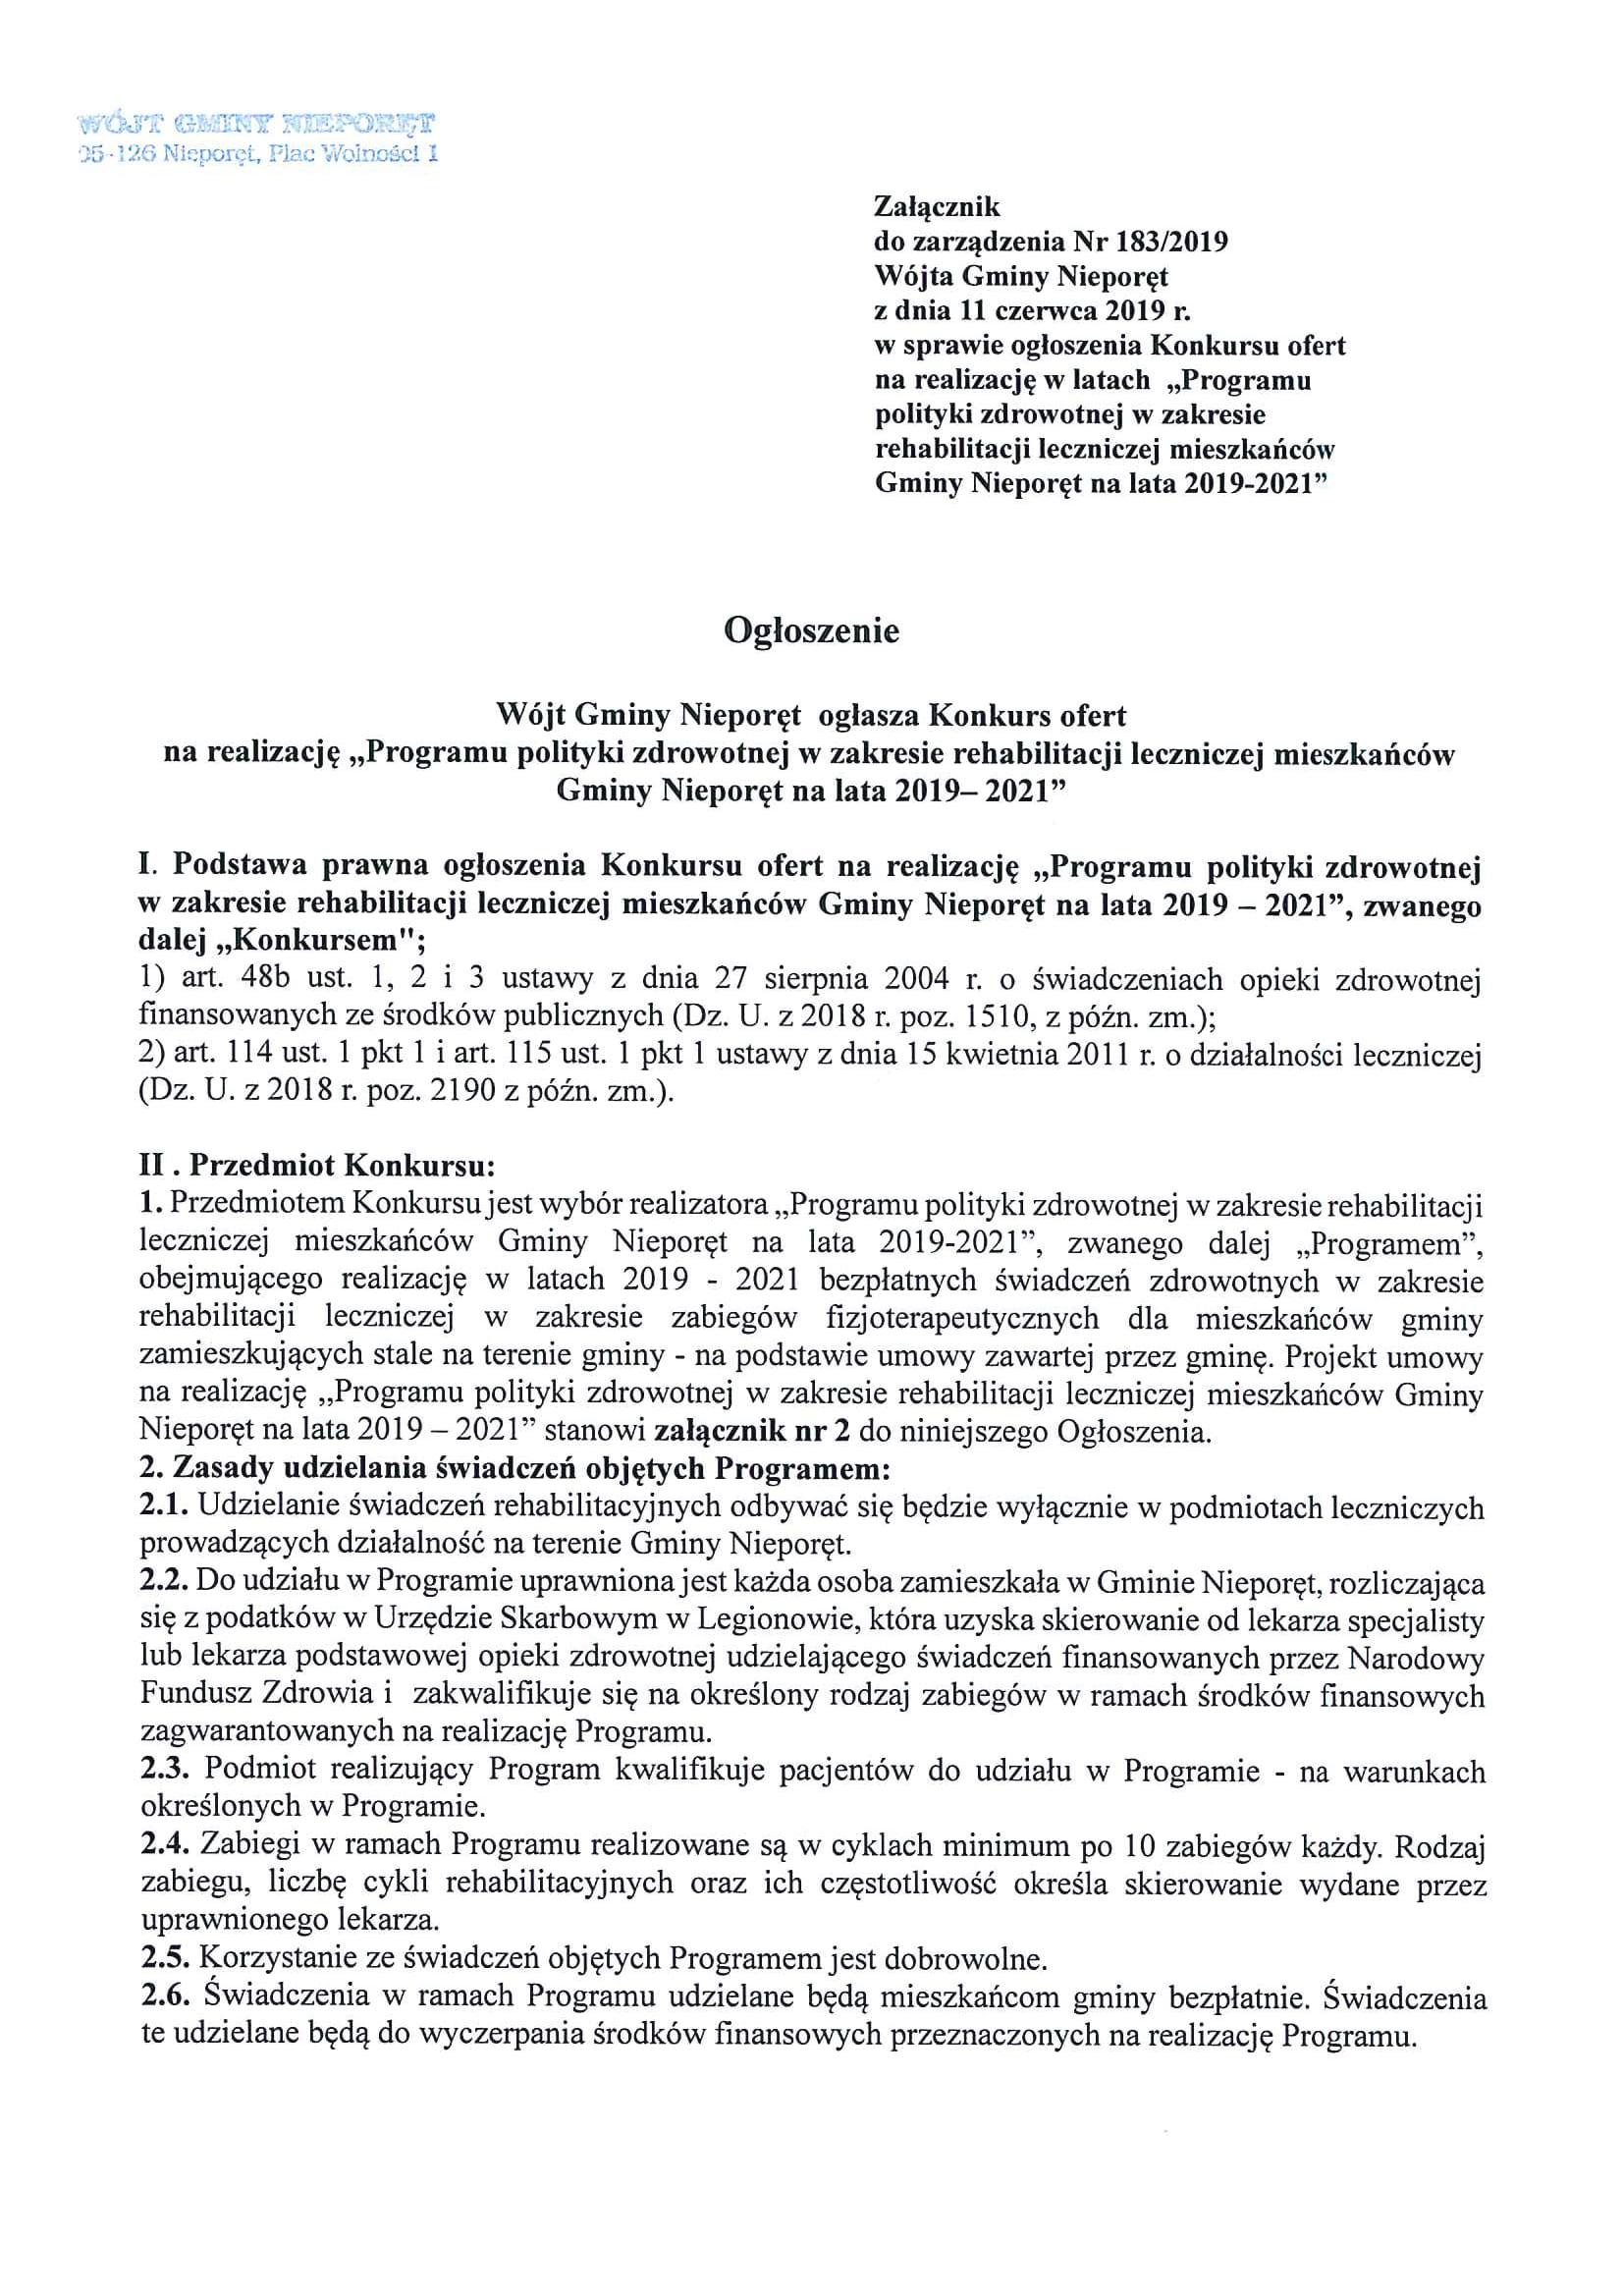 zarza.183.2019-02